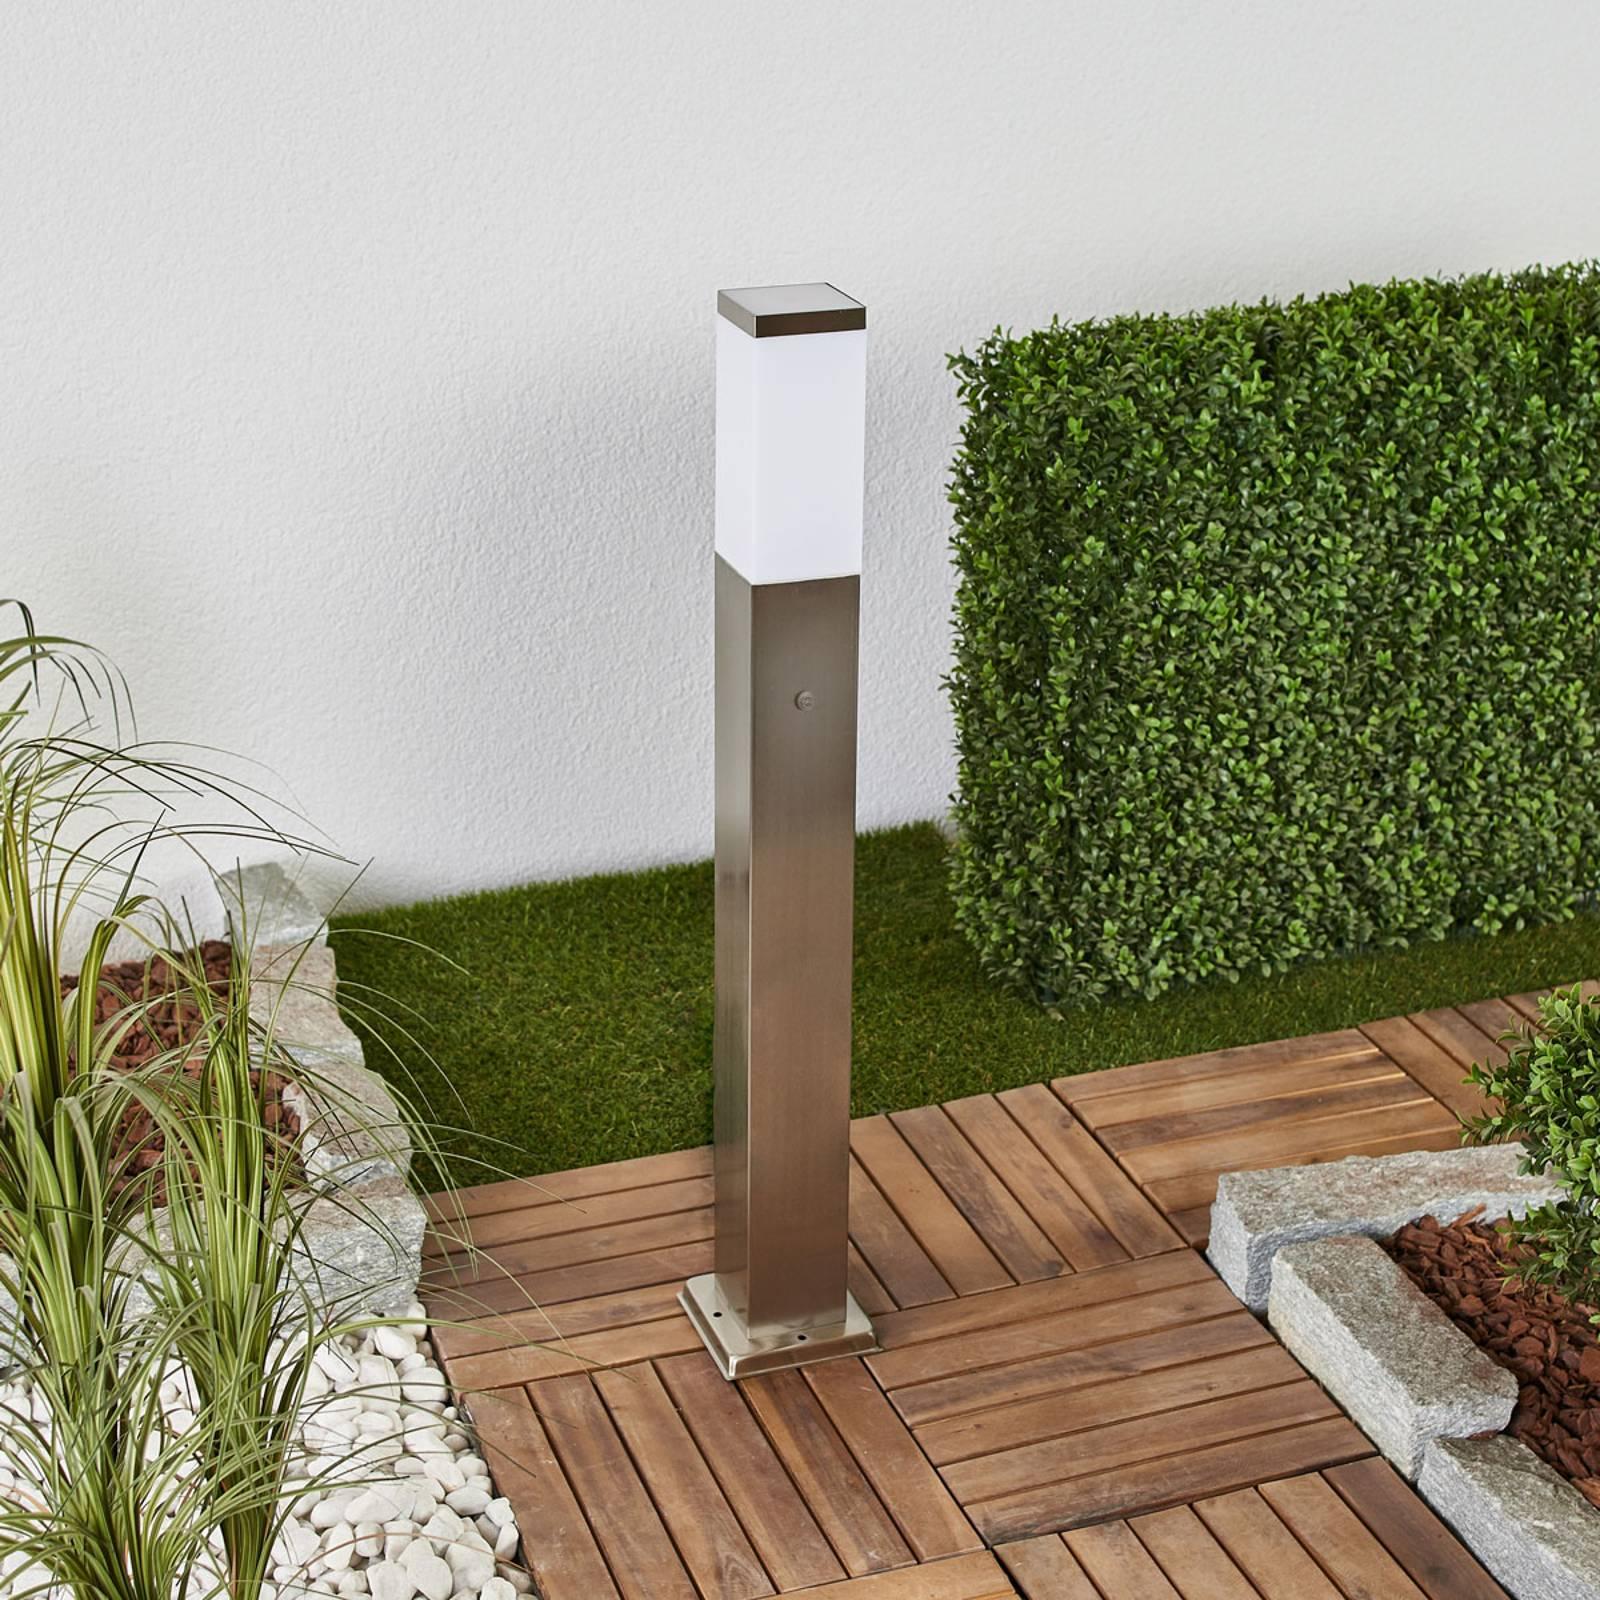 Słupek ogrodowy LED 400166 dwa gniazda, czujnik